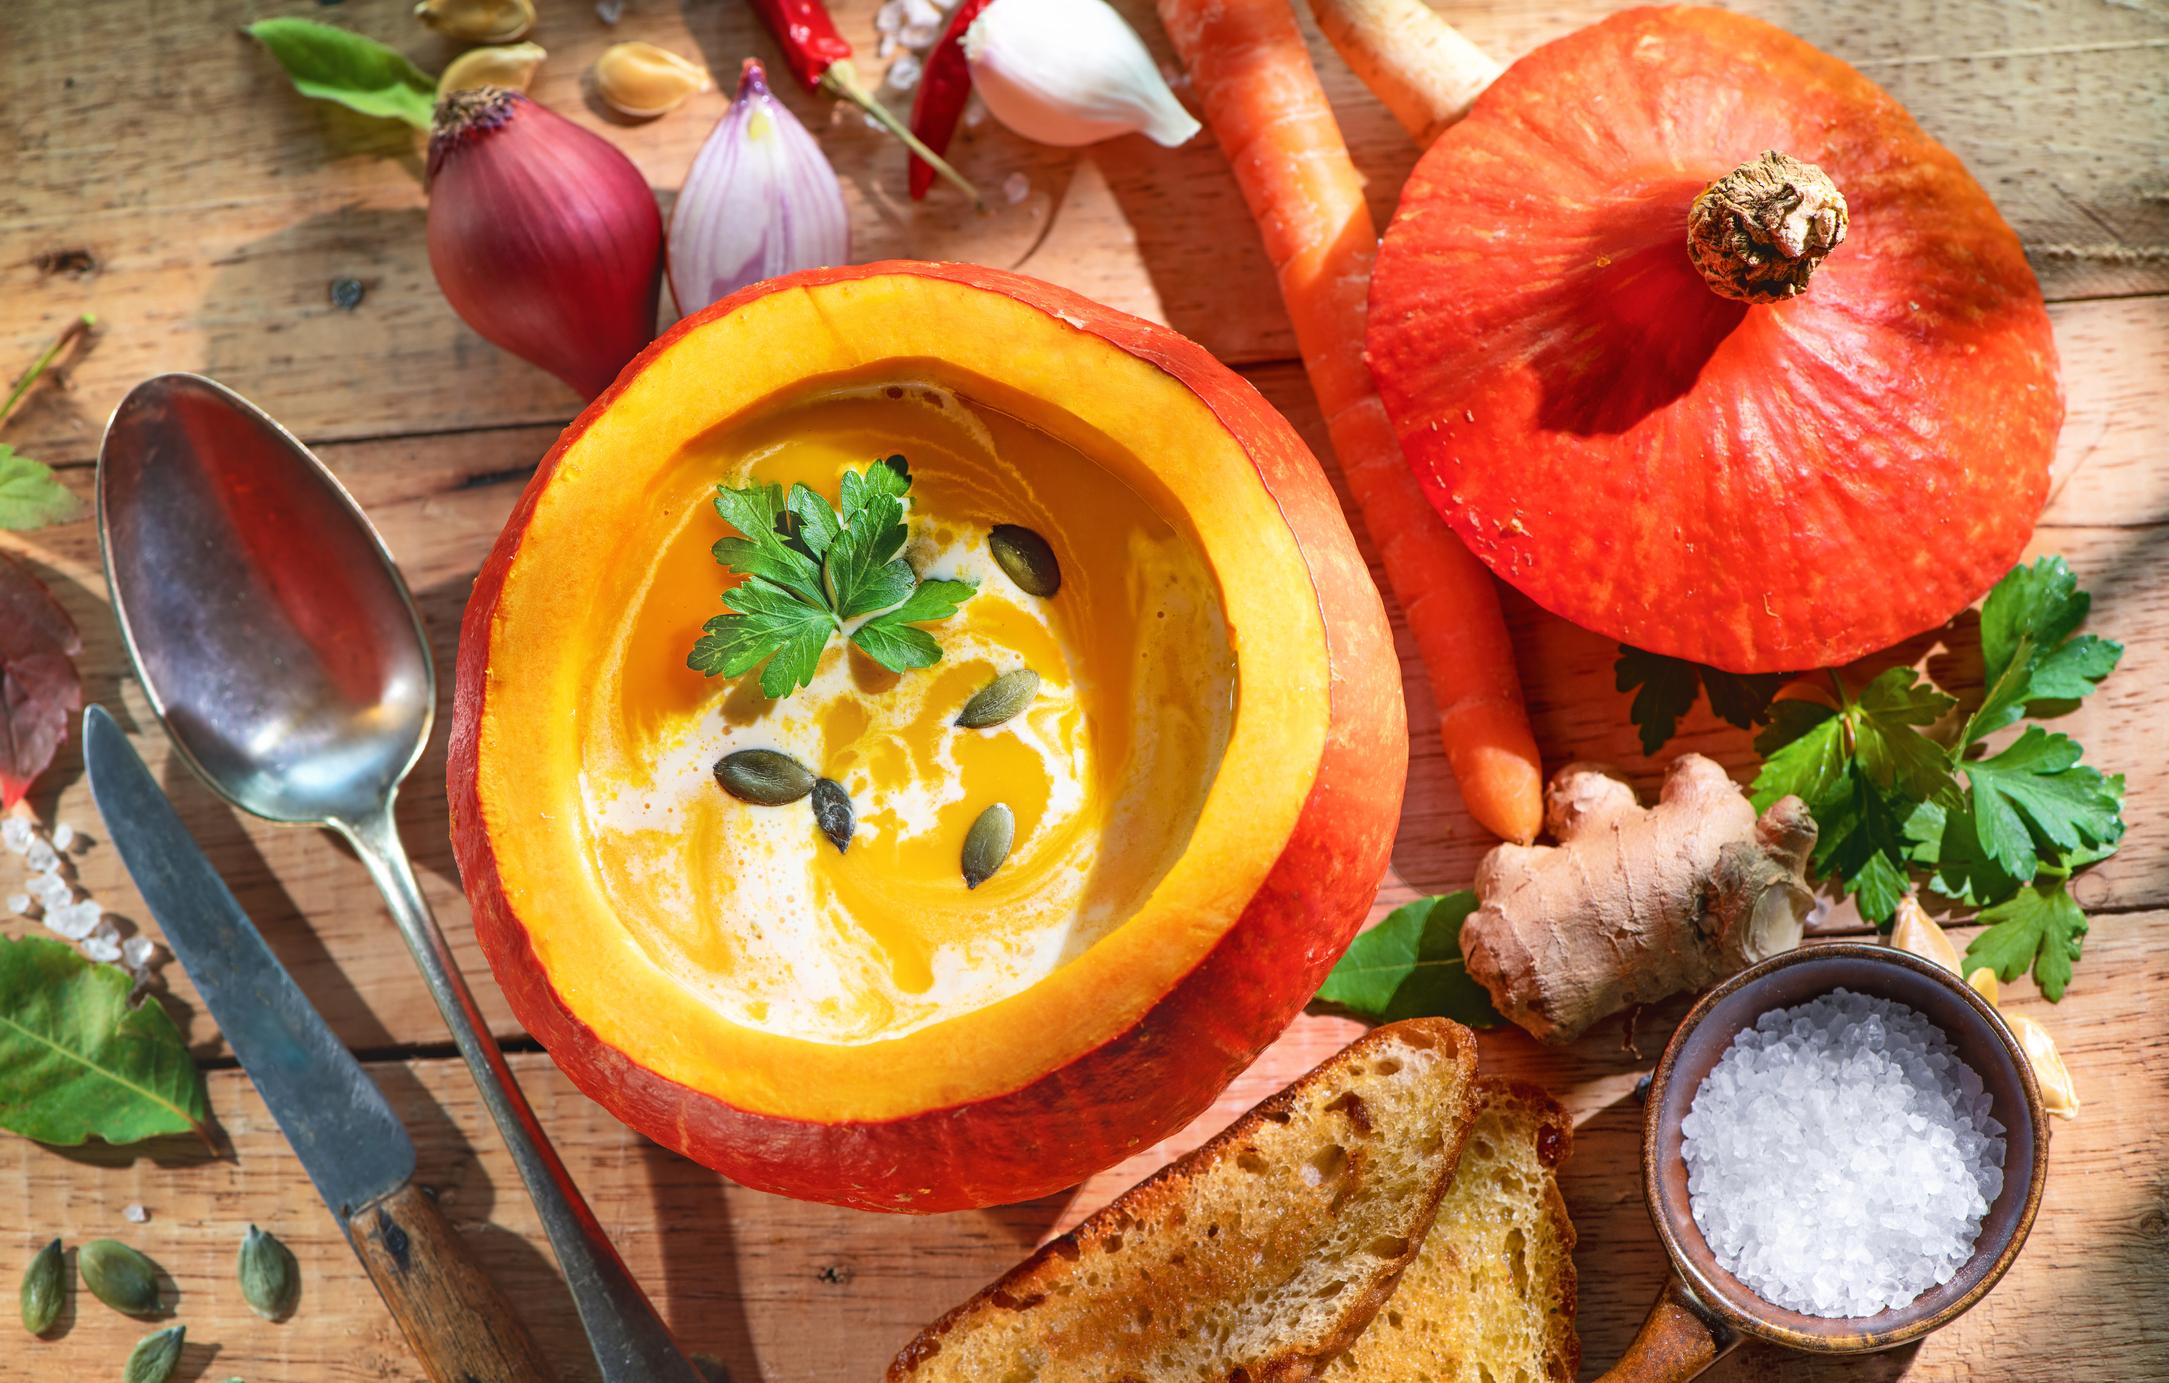 Zdravá hokkaido polievka pre alergikov. Poznáte tento recept?